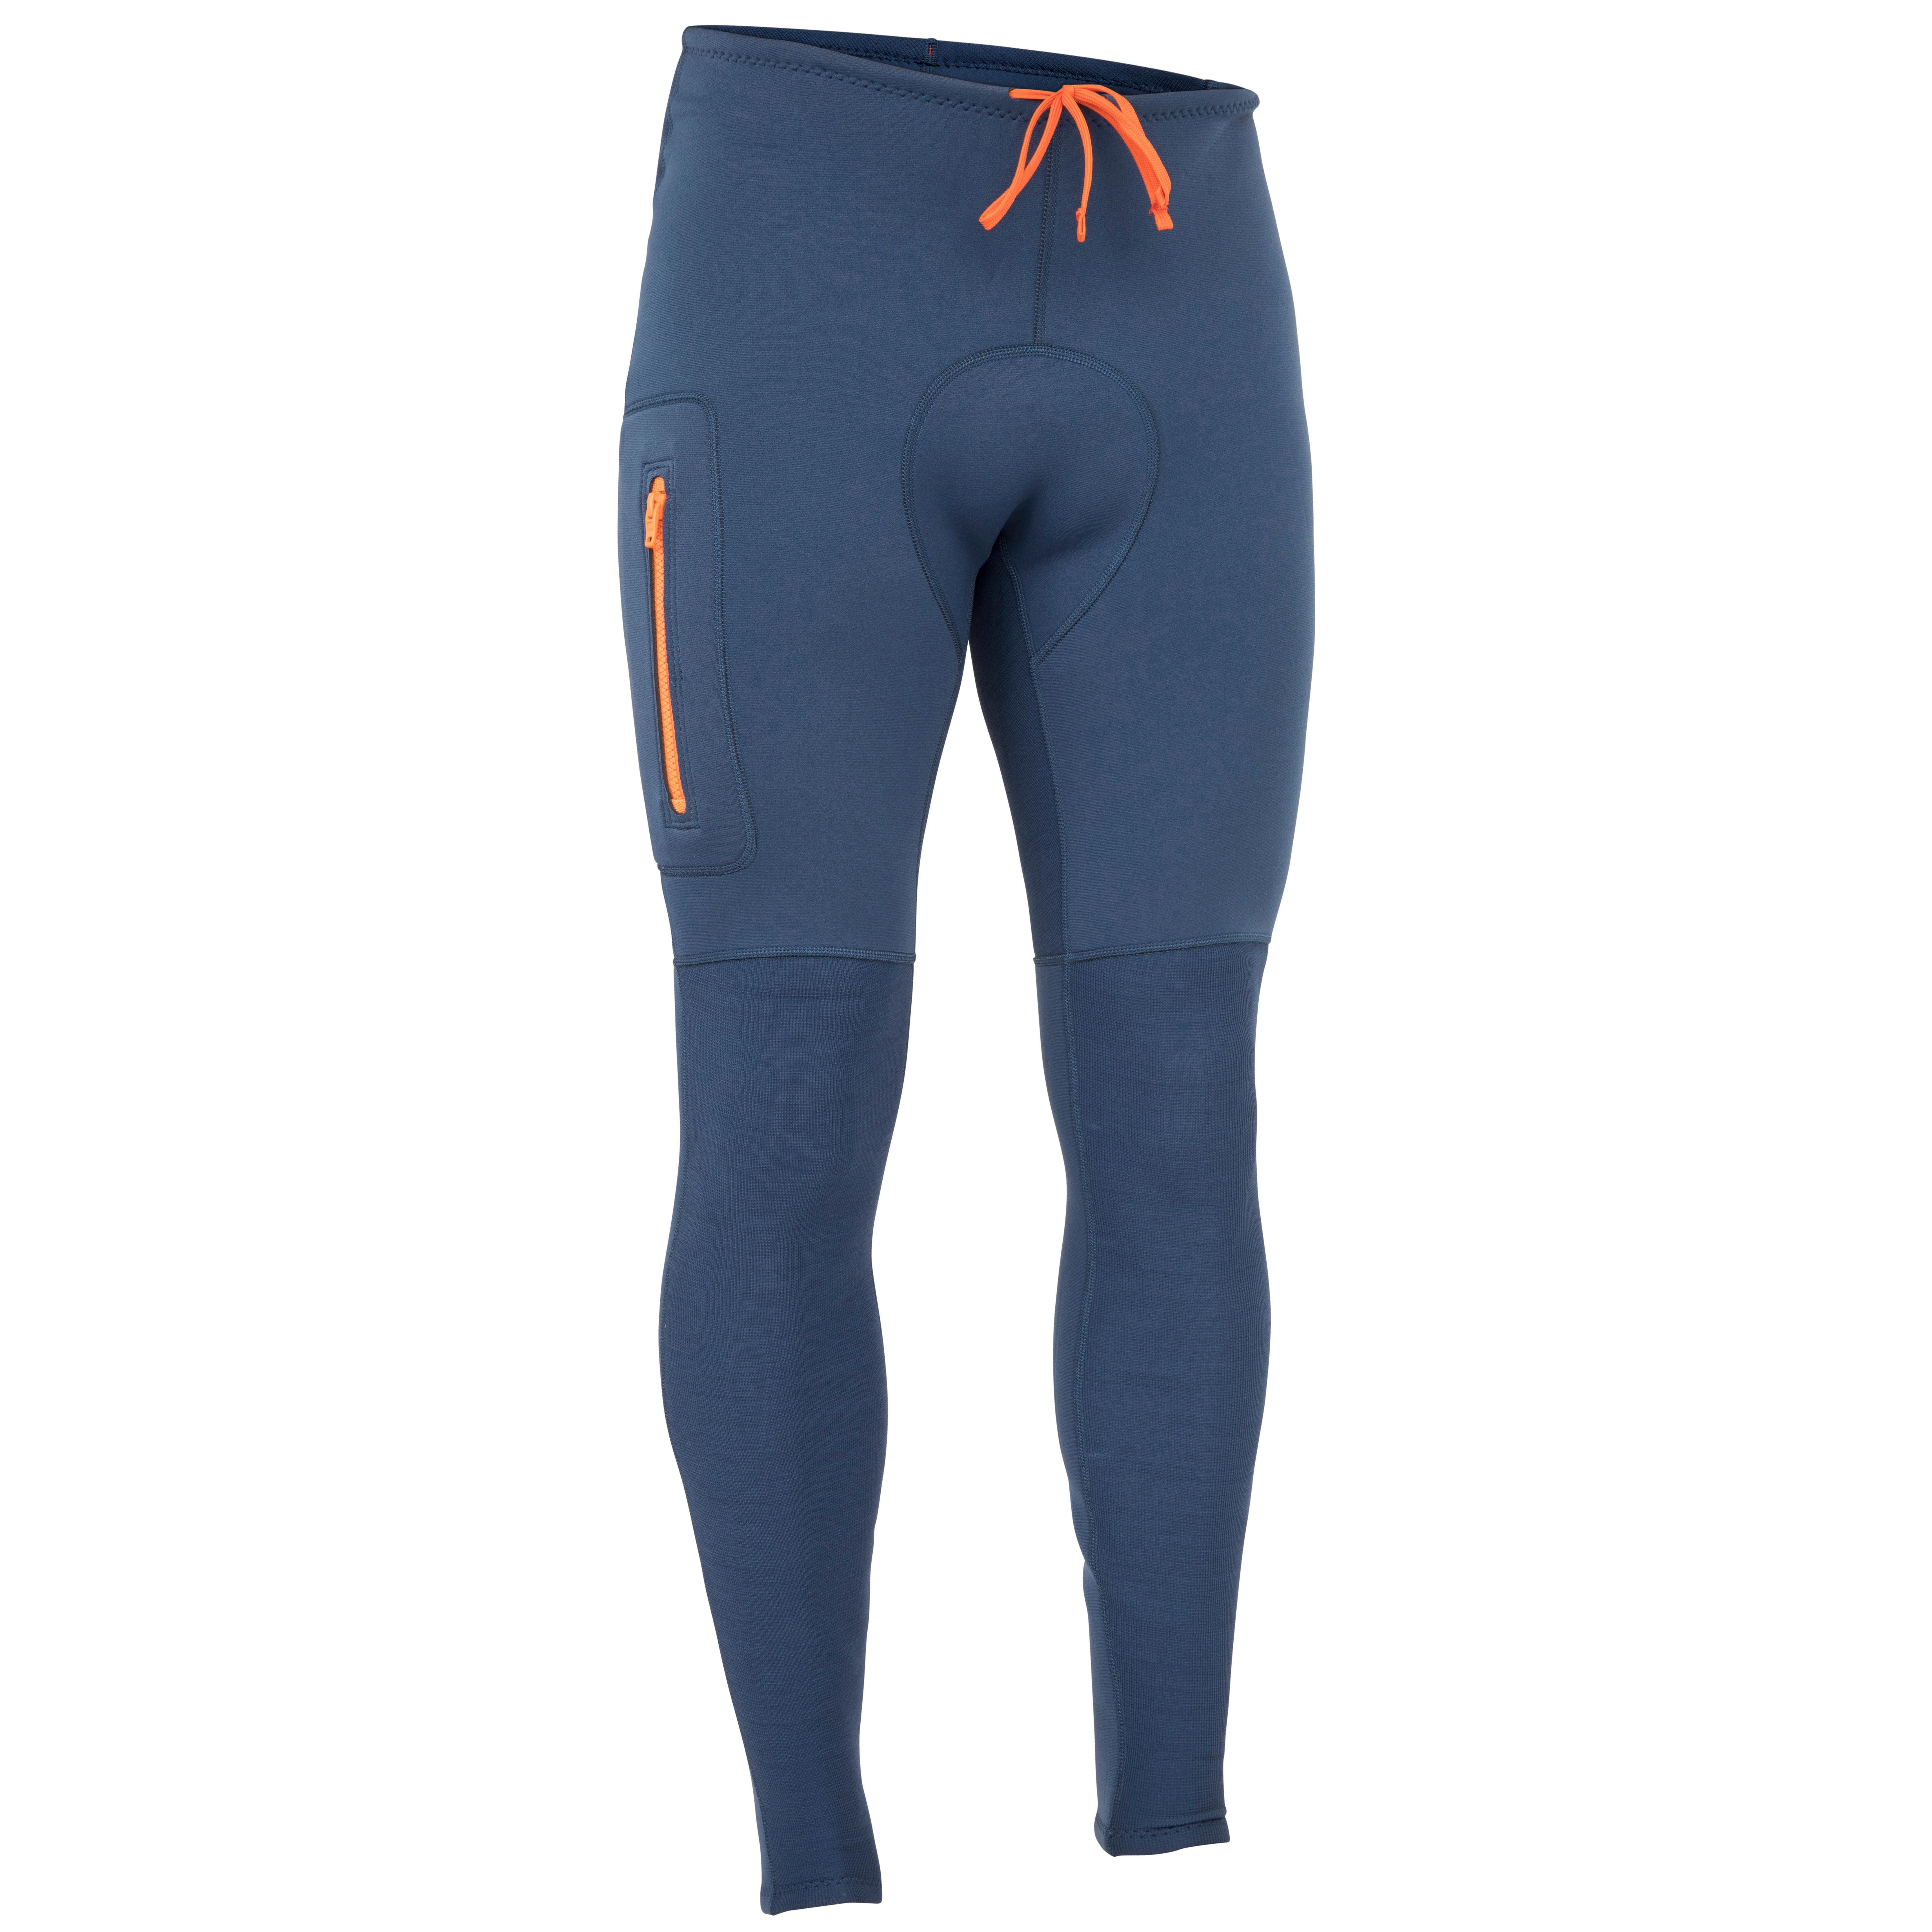 Neopreen broek / wetsuit broek heren 500 - 2 mm blauw - itiwit